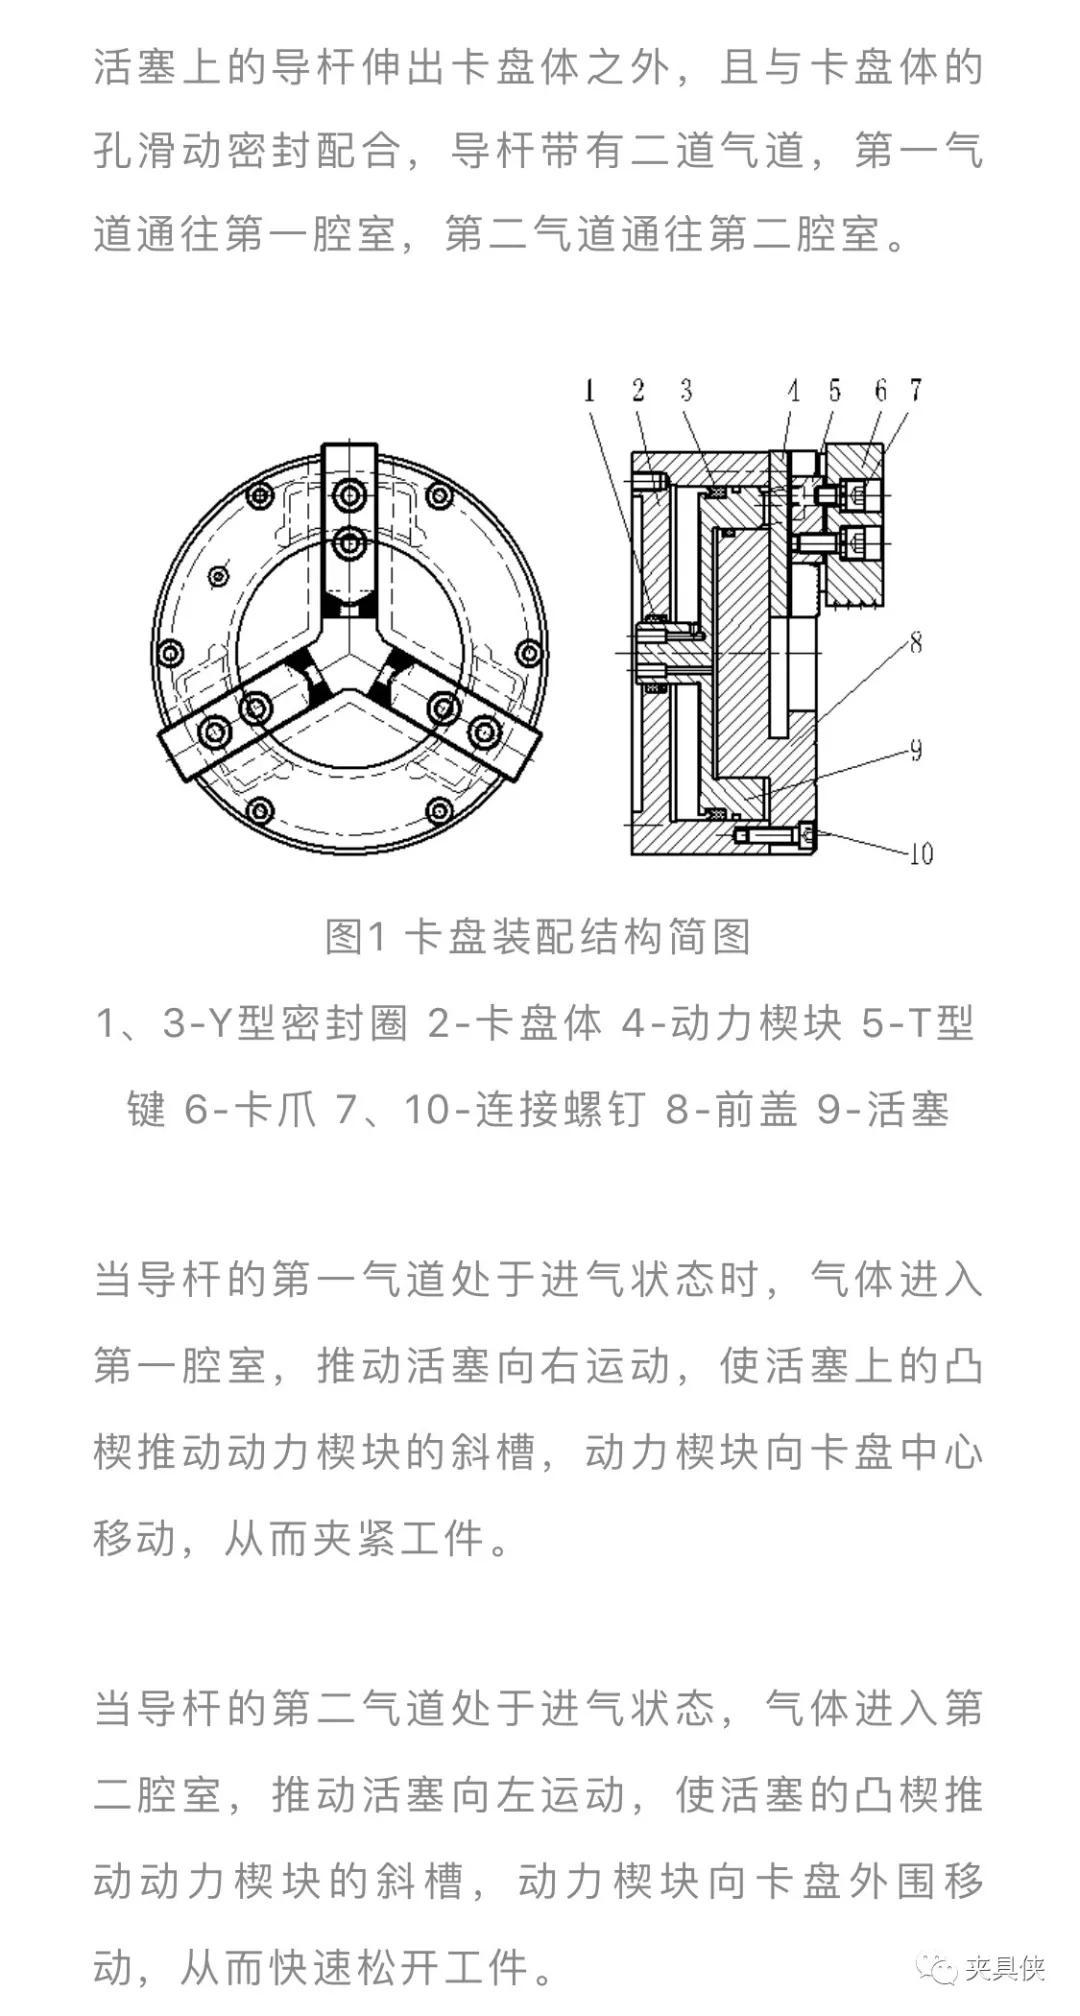 内置气缸式动力卡盘的设计方法